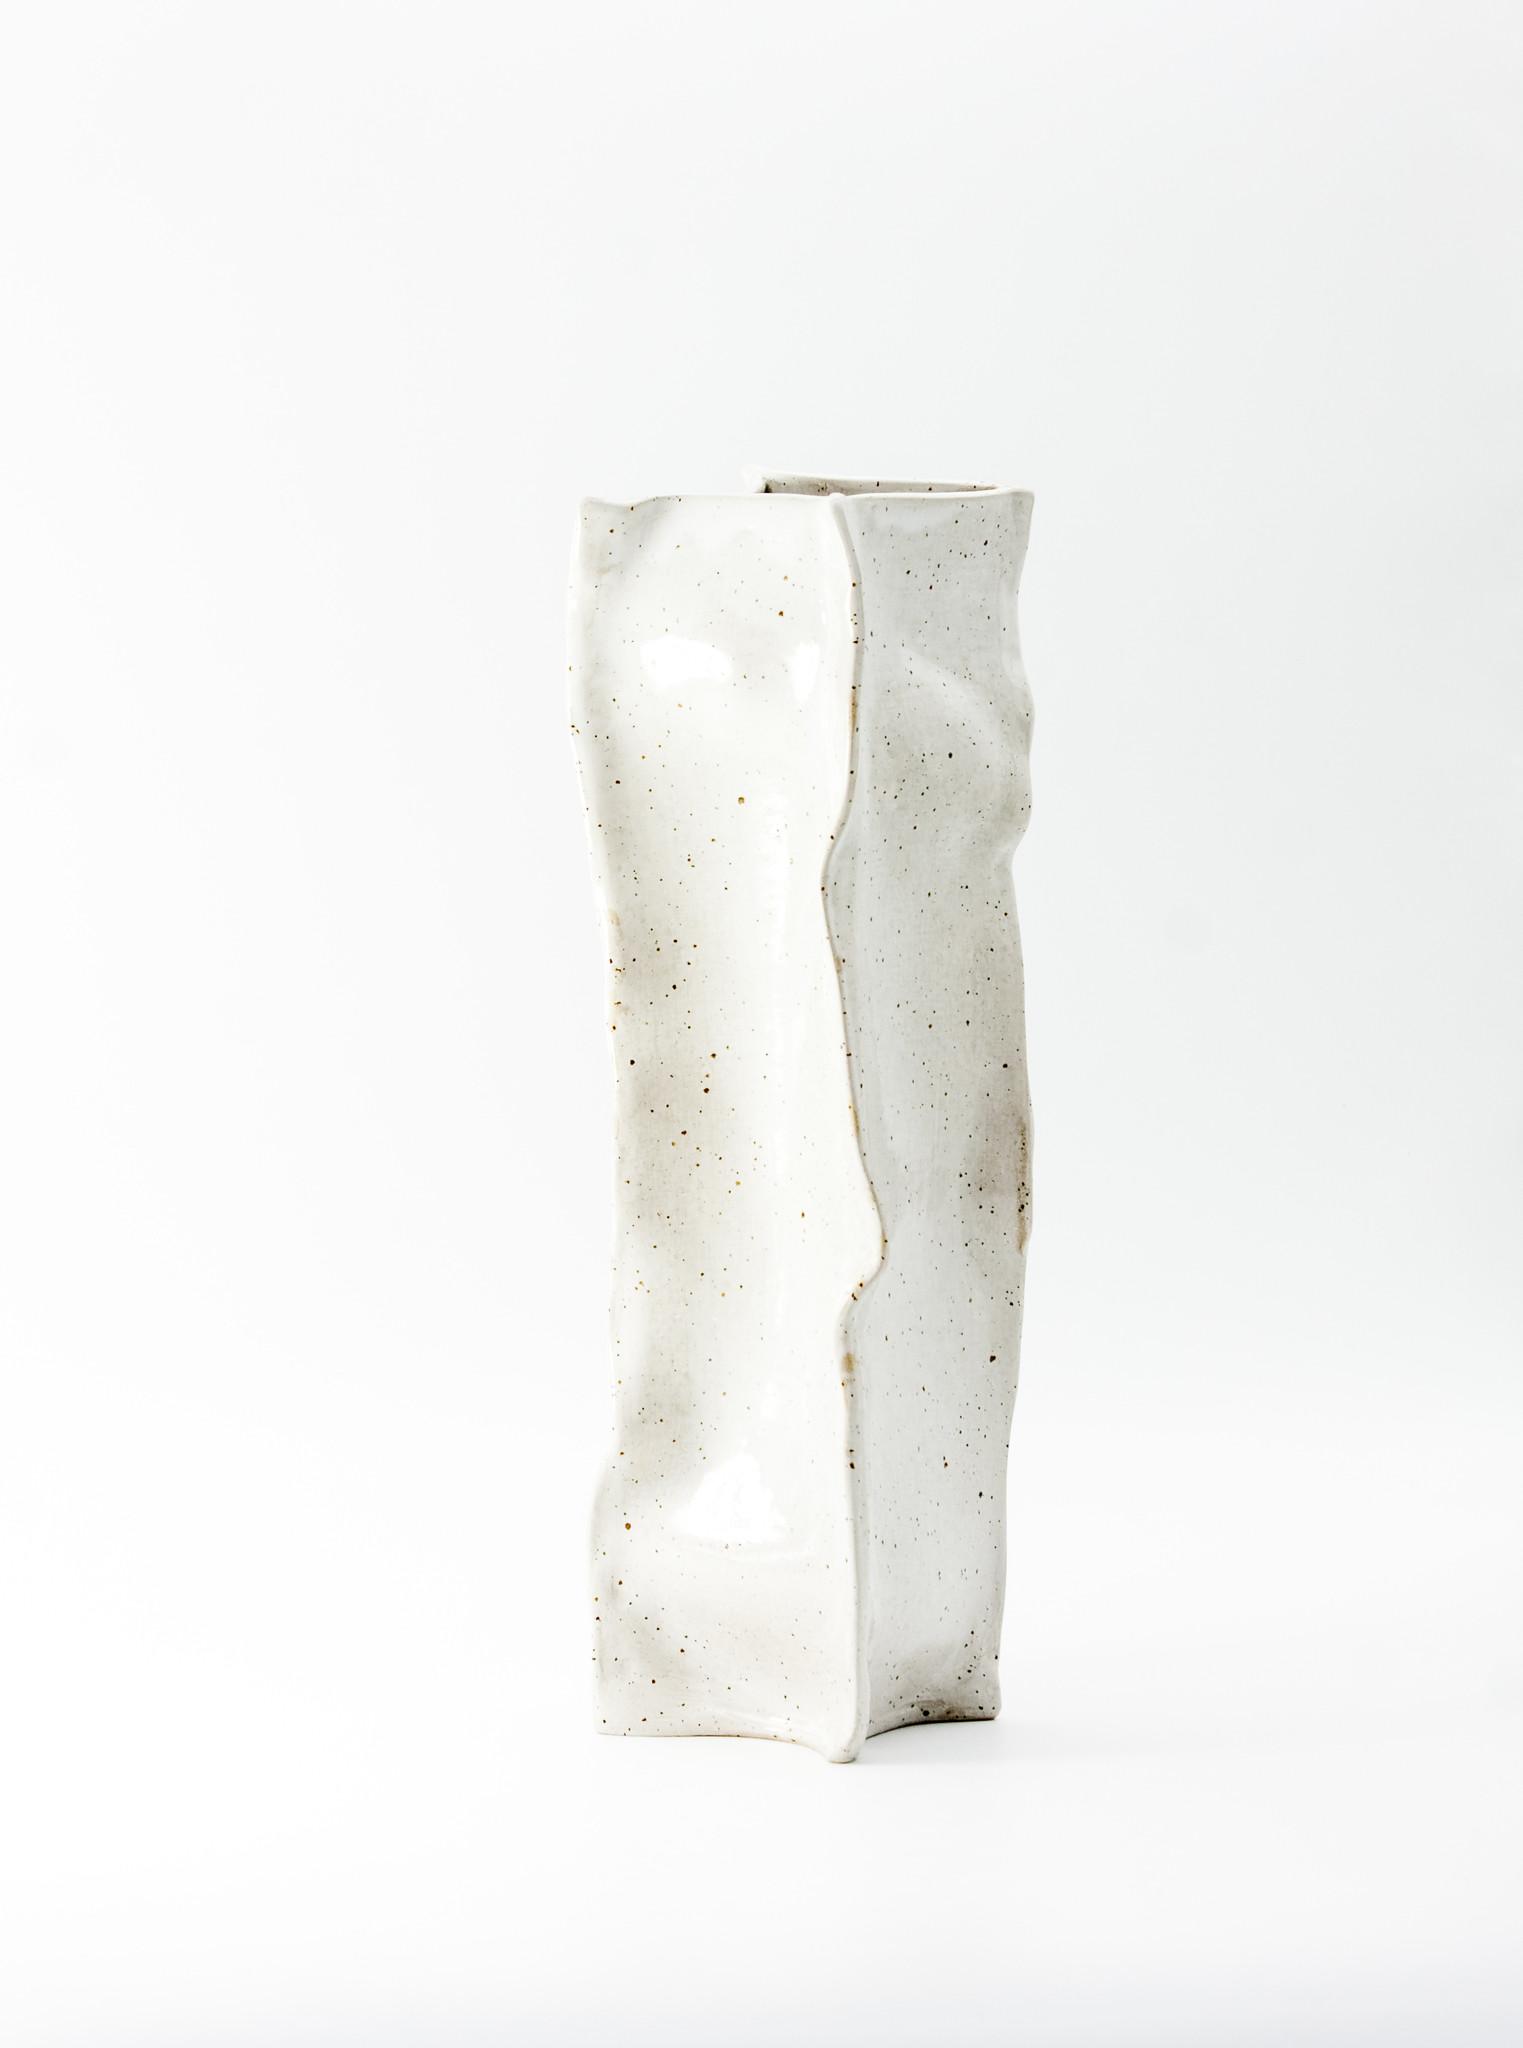 Zestaw wazonów PAPIEROWE TORBY / duże - Lui & Clay | JestemSlow.pl